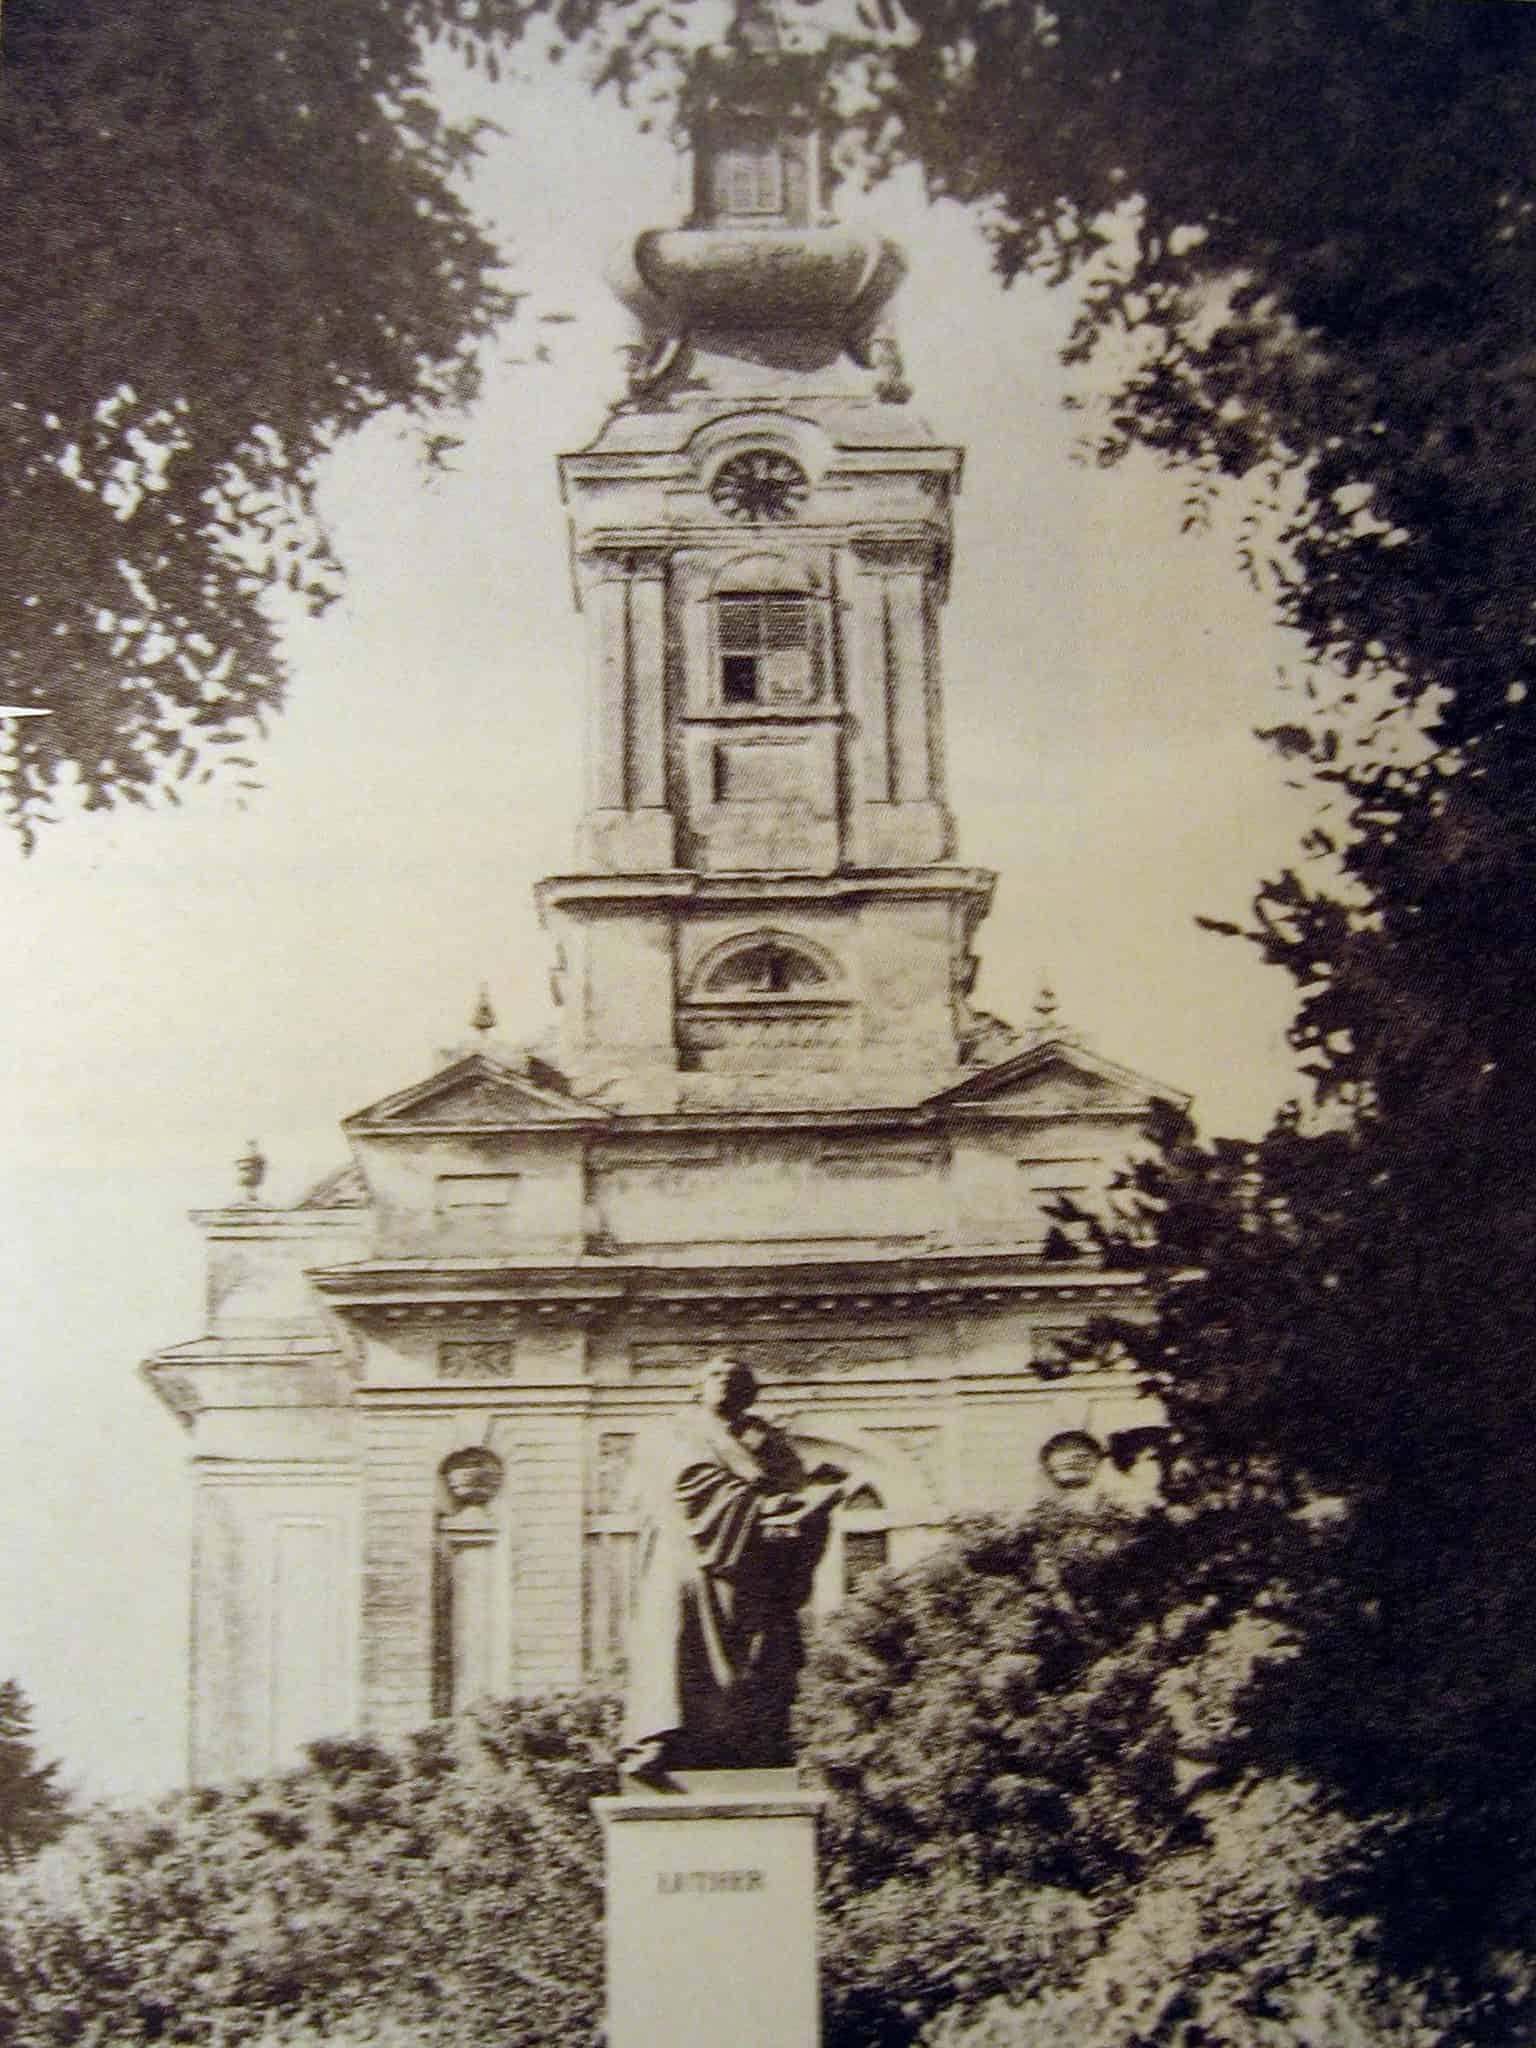 Planovi za povratak: Spomenik Martinu Luteru u Vrbasu, oboren i pretopljen posle rata